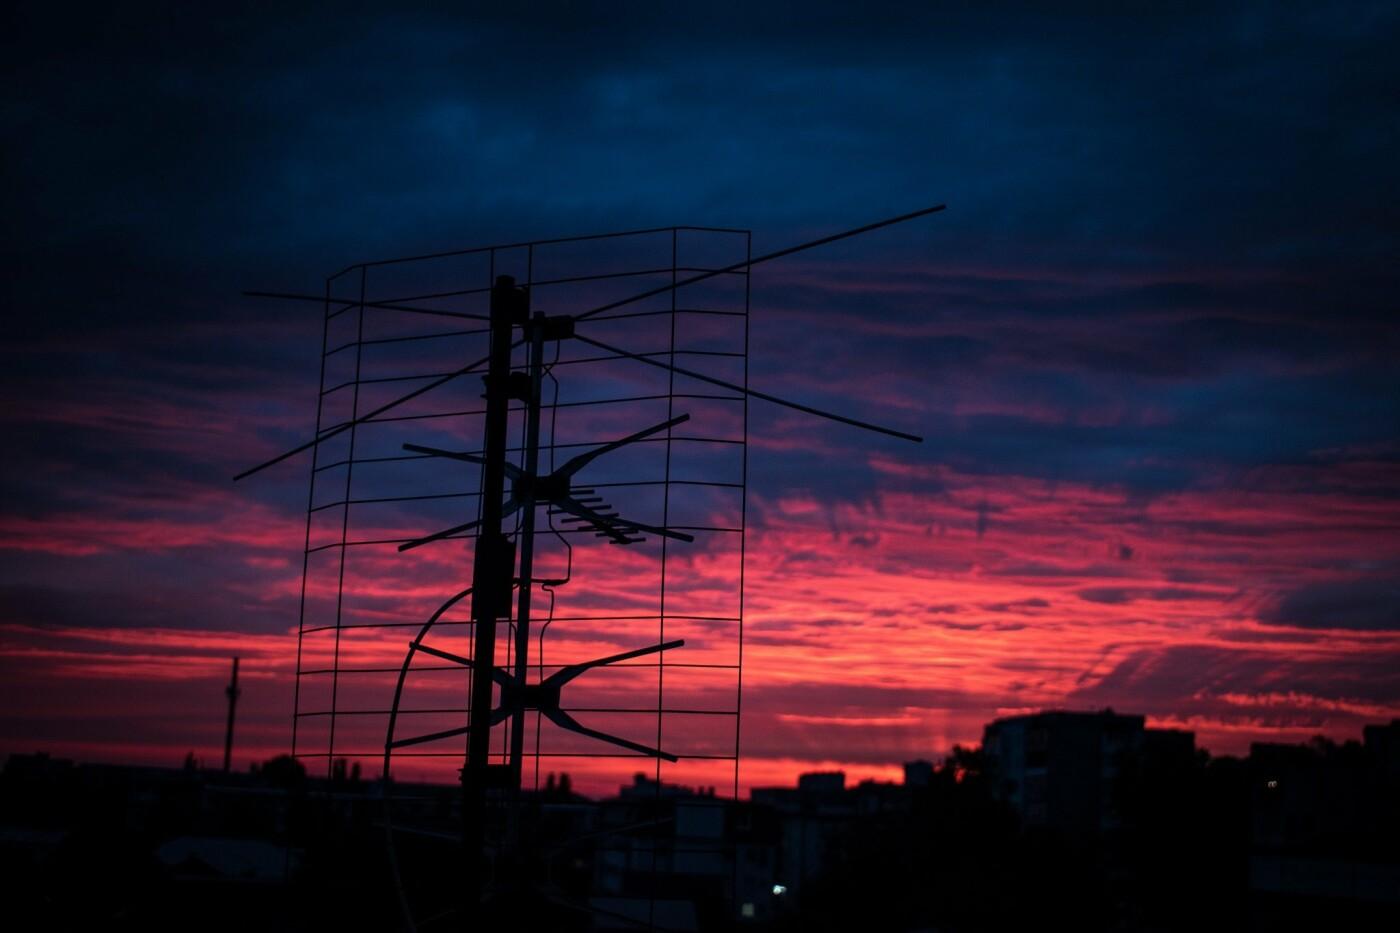 Мудрость от 06153: где красивые закаты, там лучший отдых - ВИДЕО, ФОТО, фото-2, Юлия Покас